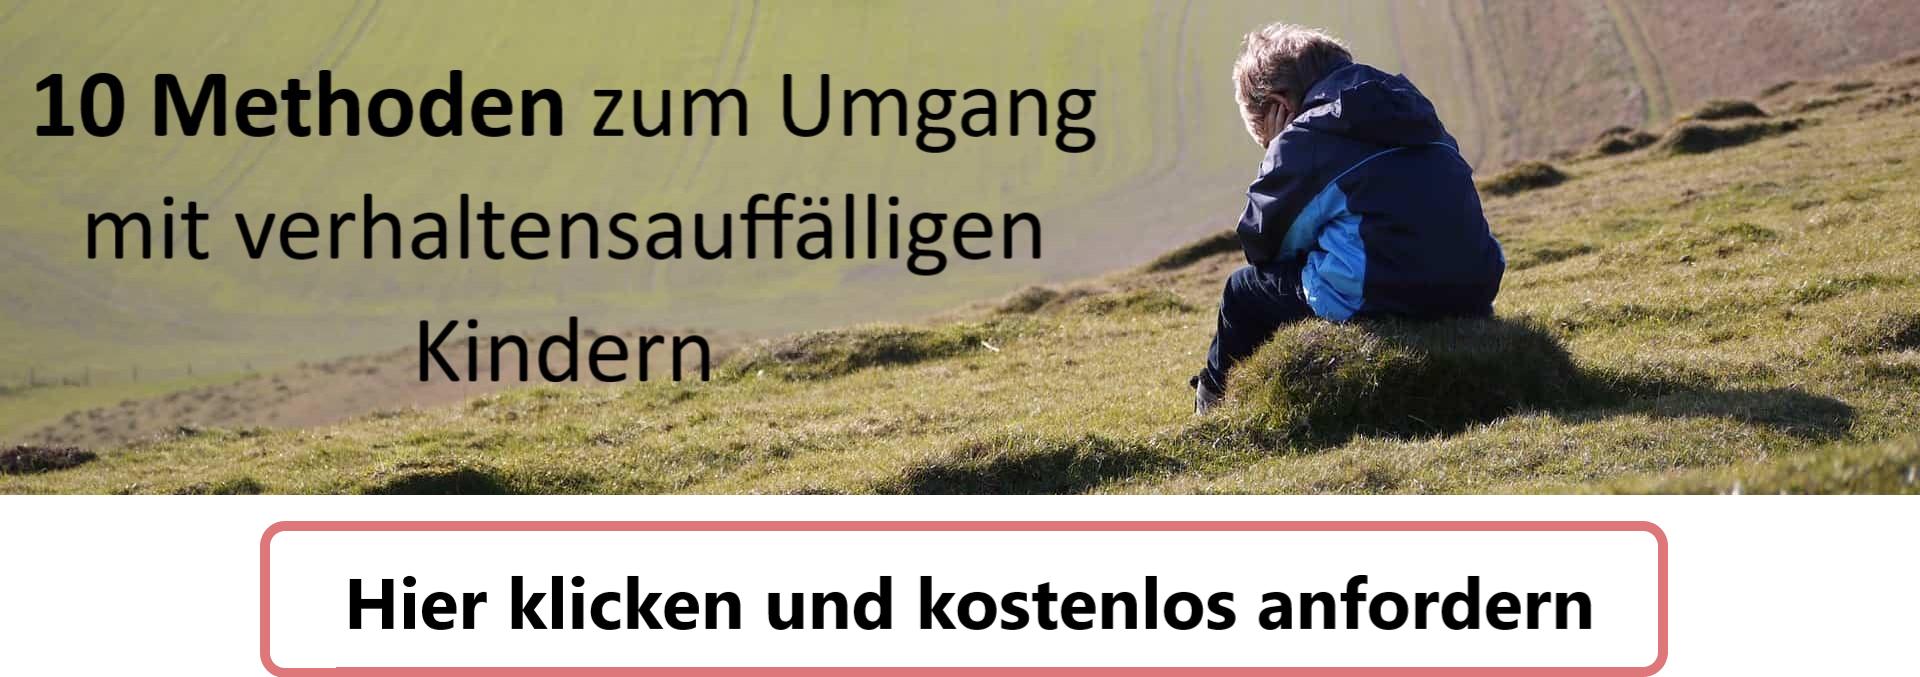 10 Methoden zum Umgang mit verhaltensauffälligen Kindern - Banner.jpg